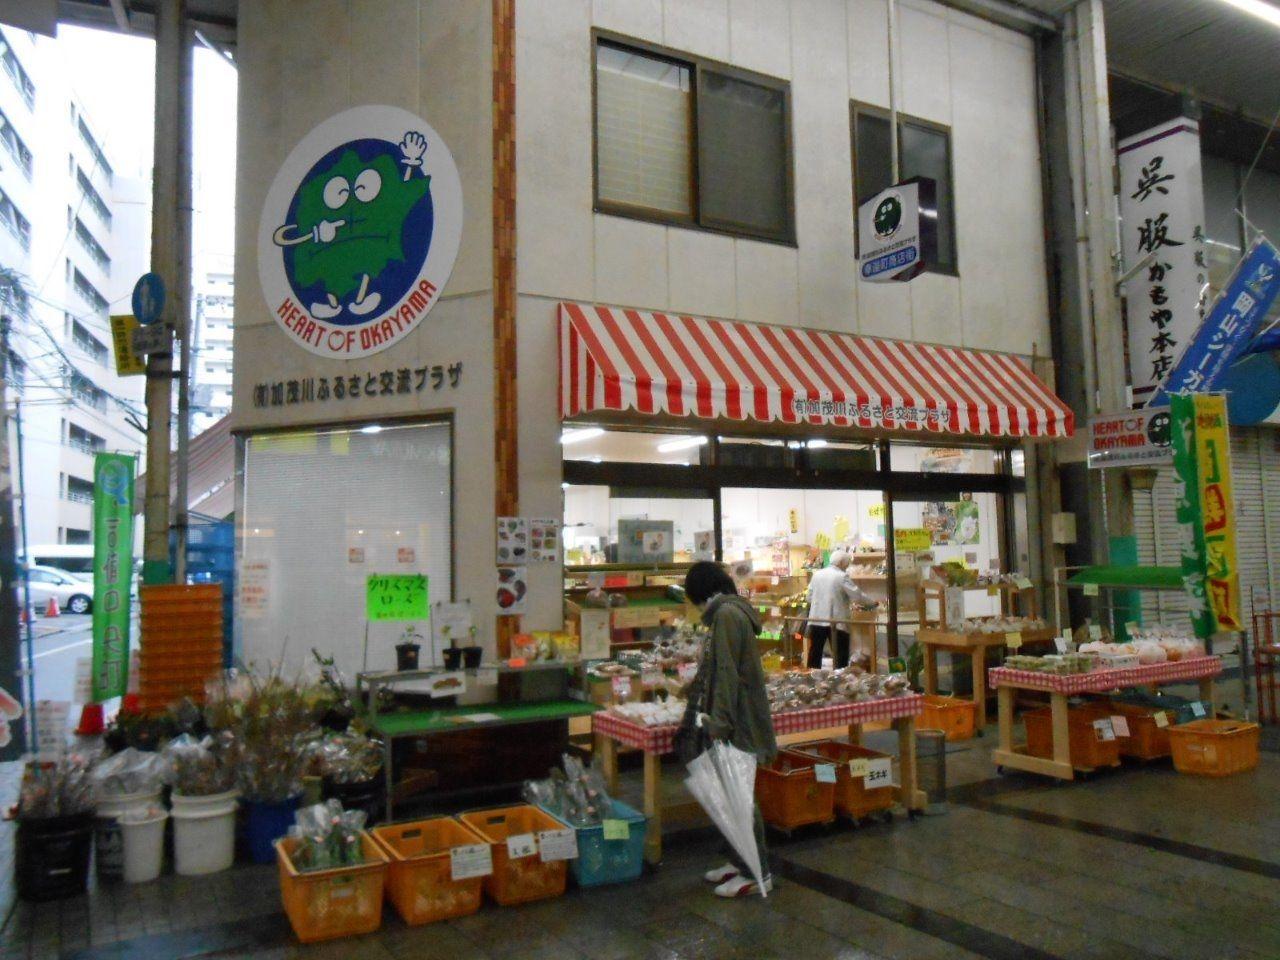 加茂川ふるさと交流プラザ,道の駅かもがわ円城のサテライト店舗